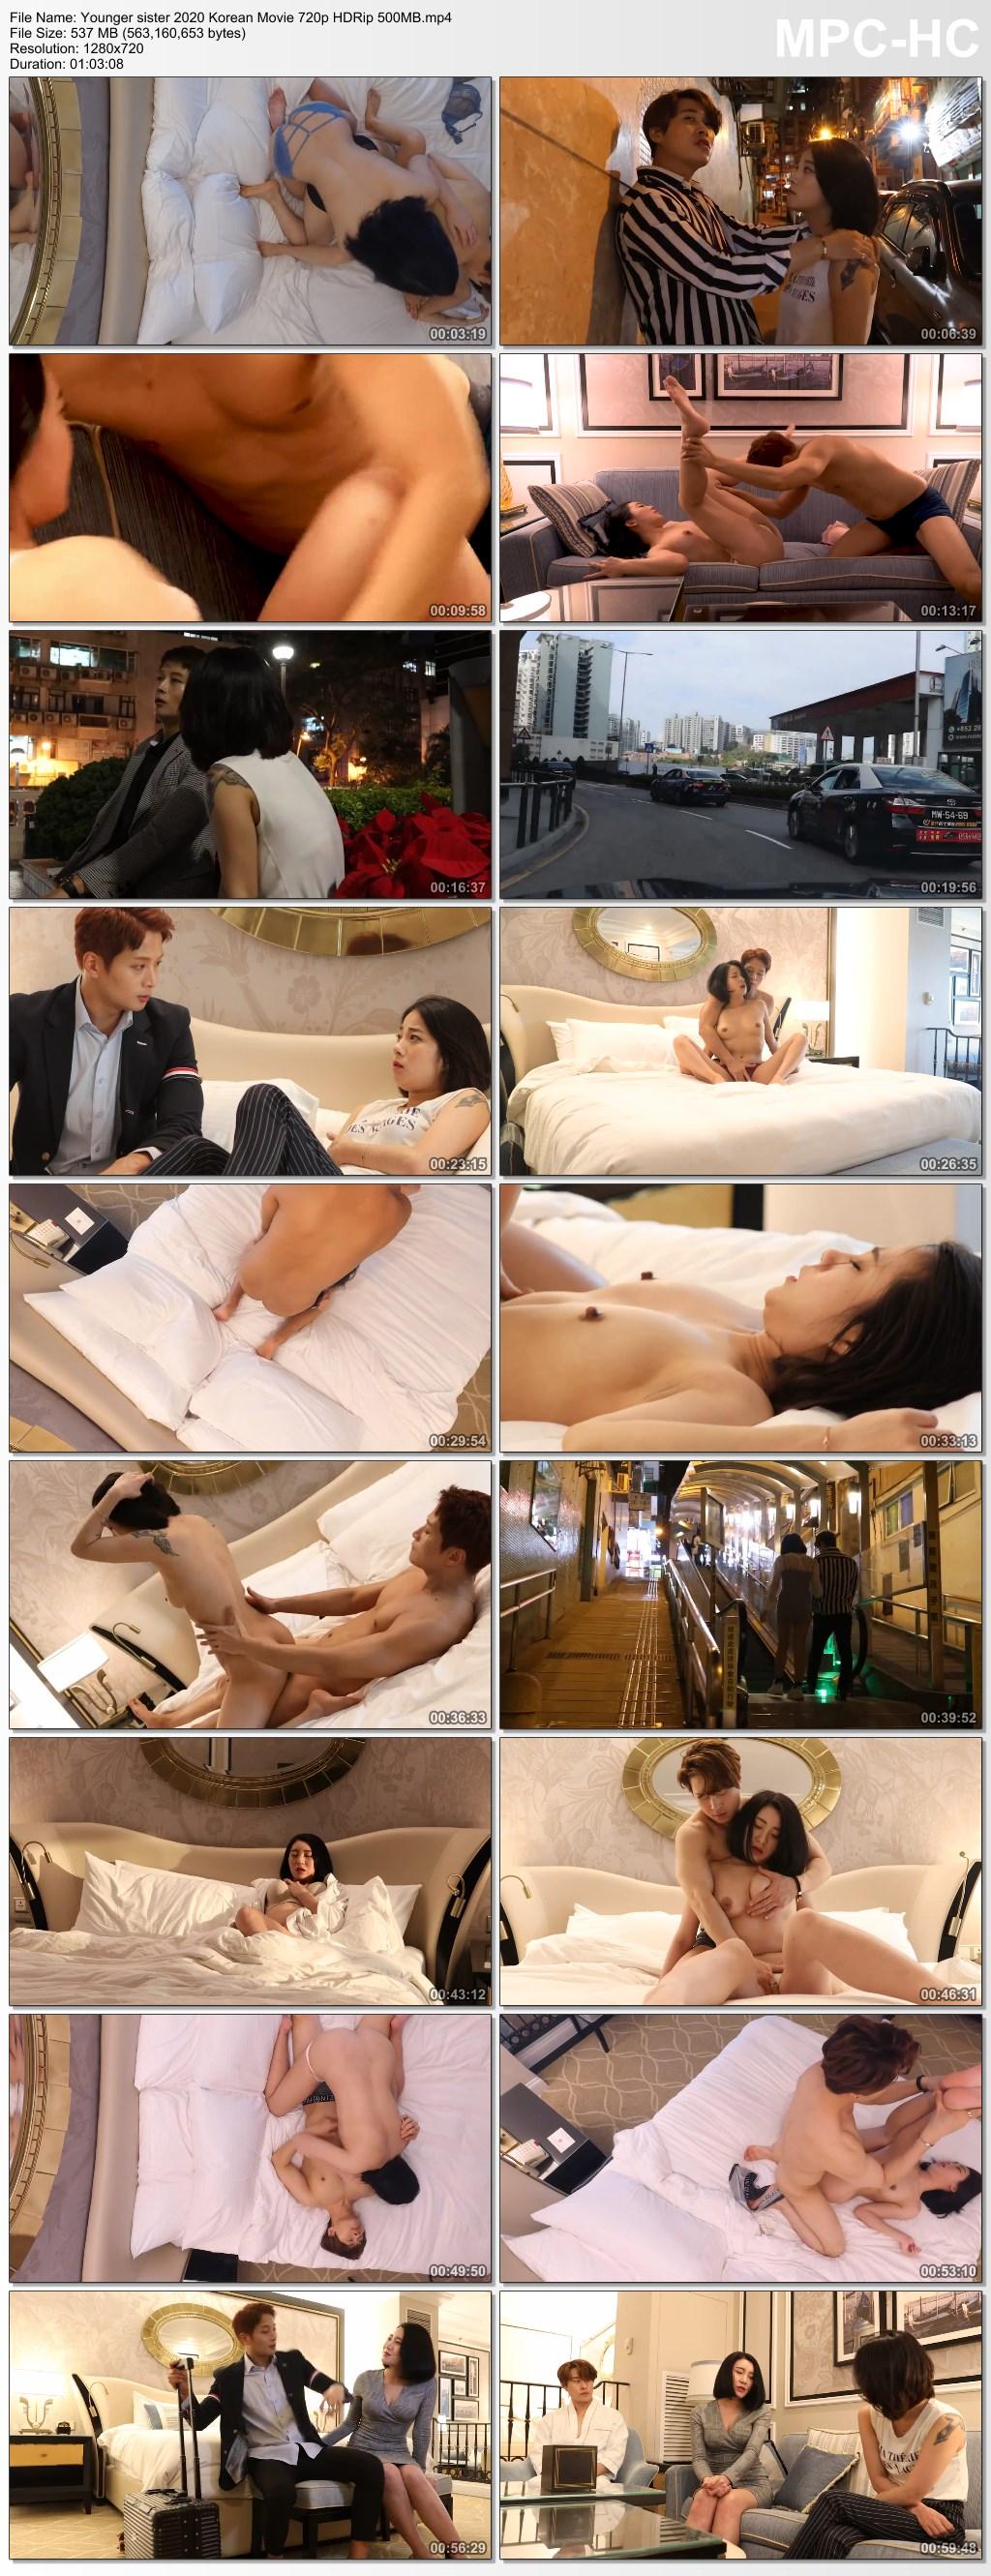 Youngersister2020KoreanMovie720pHDRip500MB.mp4_thumbs_2020.06.11_08.41.3902994.jpg